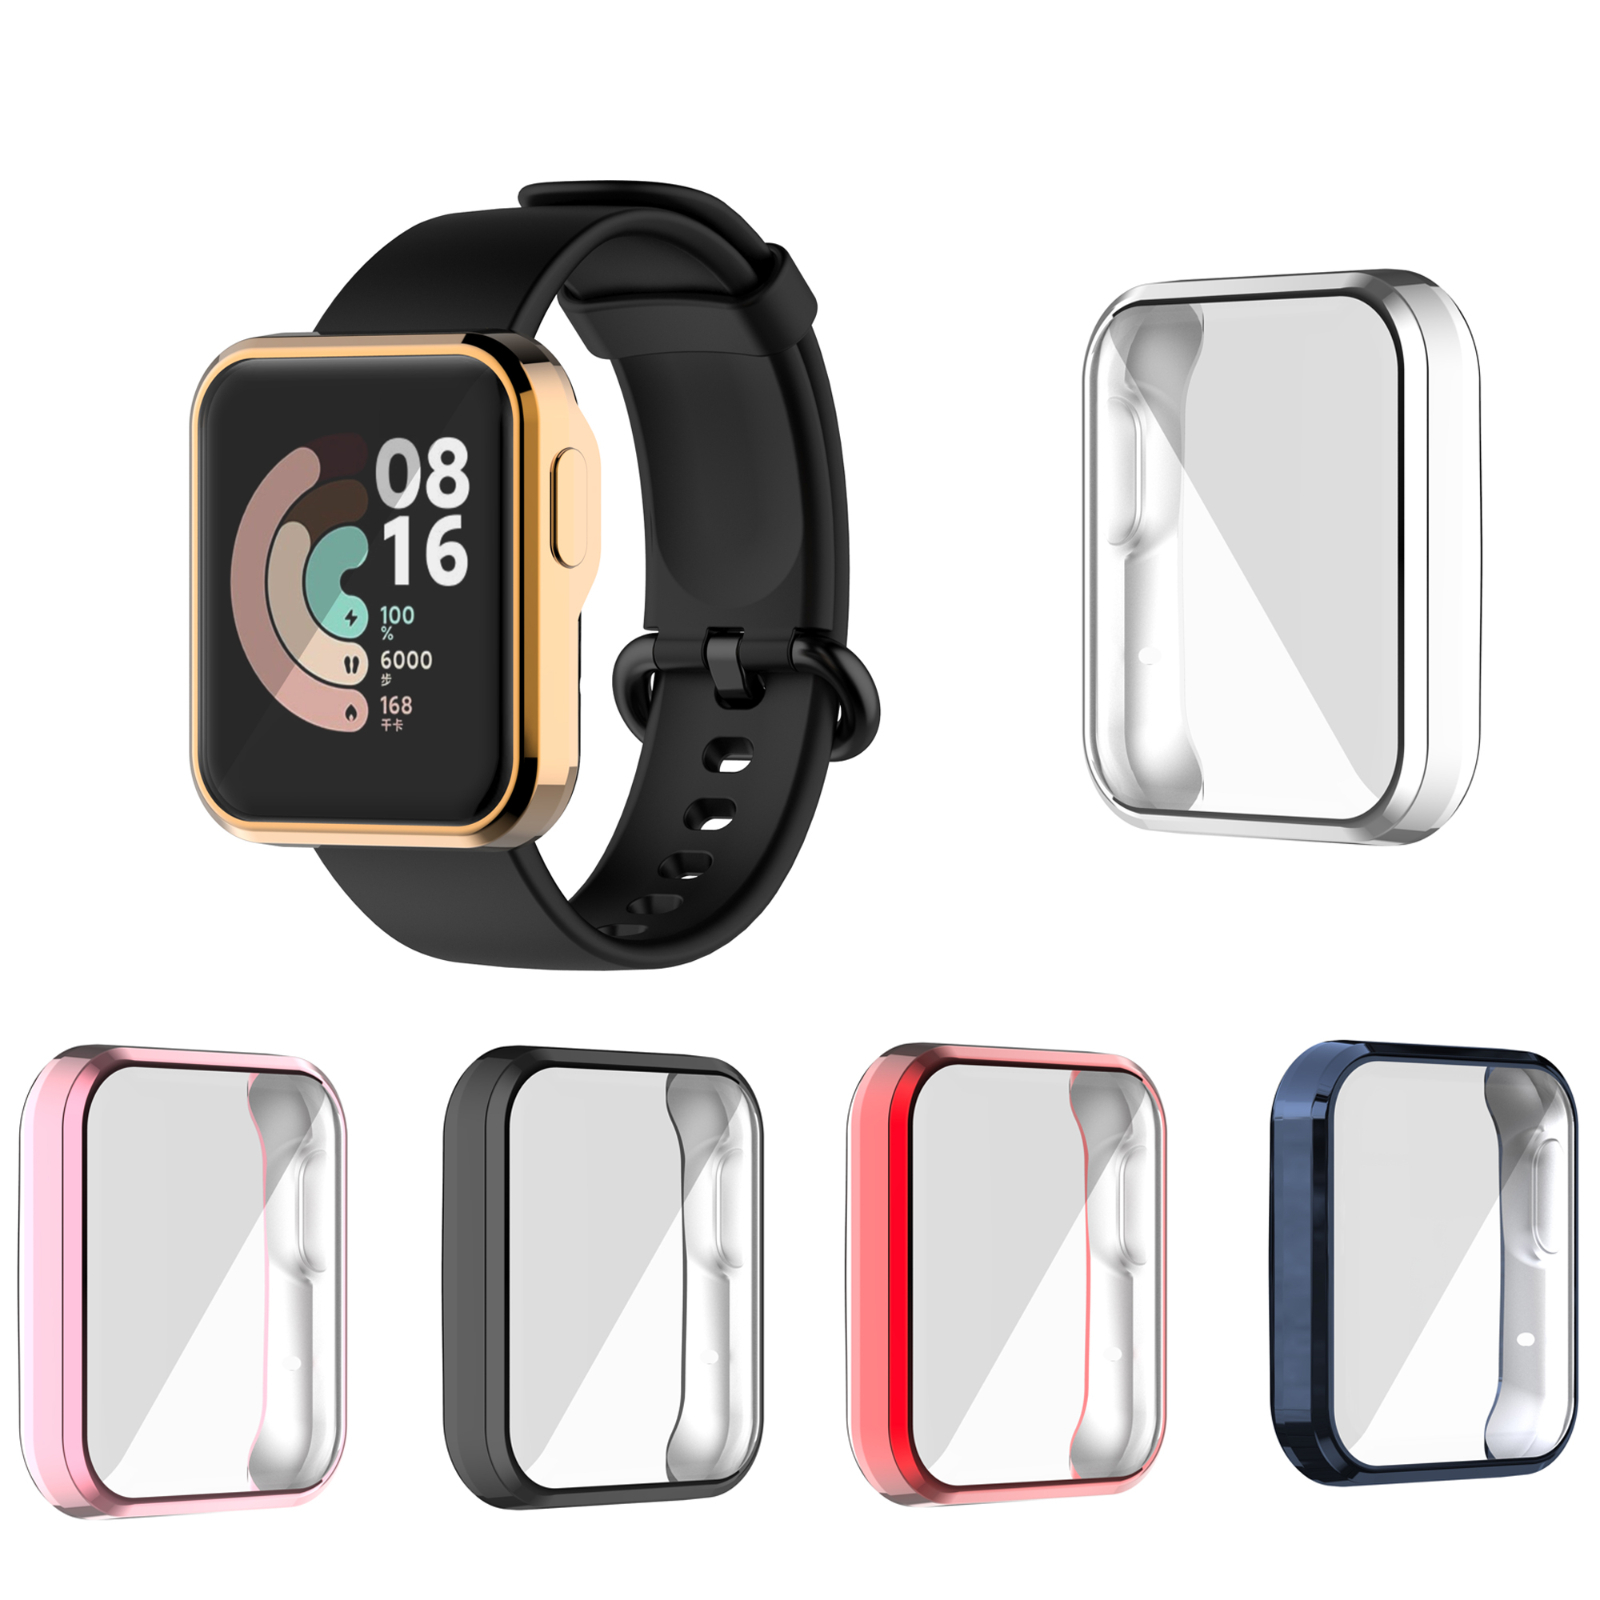 Защитный чехол из ТПУ с покрытием для Xiaomi Mi Watch Lite, защитный чехол на весь экран для Mi Watch Lite